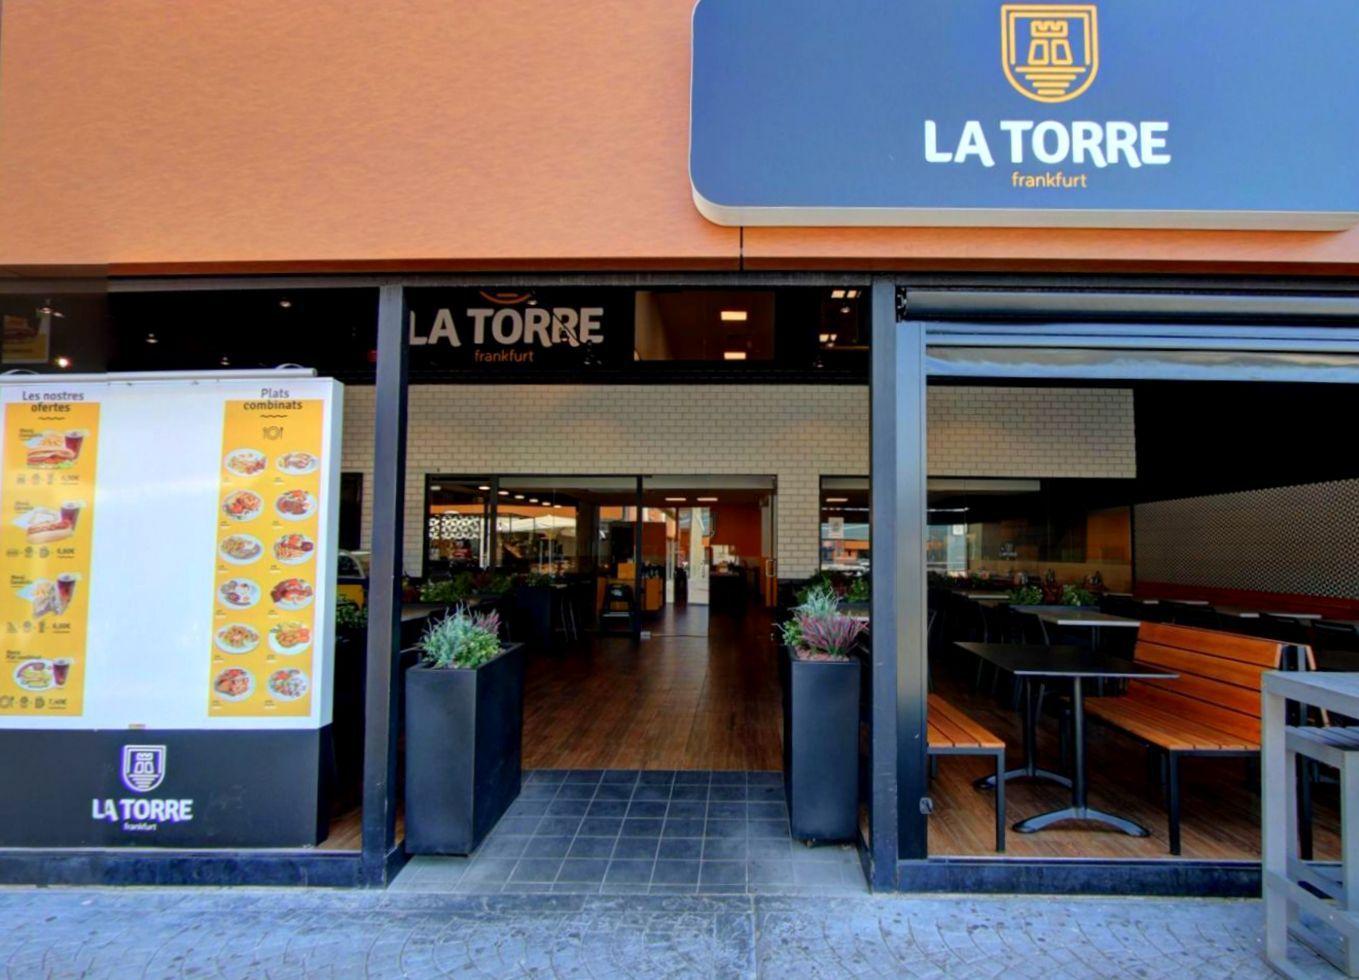 Restaurante y hamburguesería en Tarragona